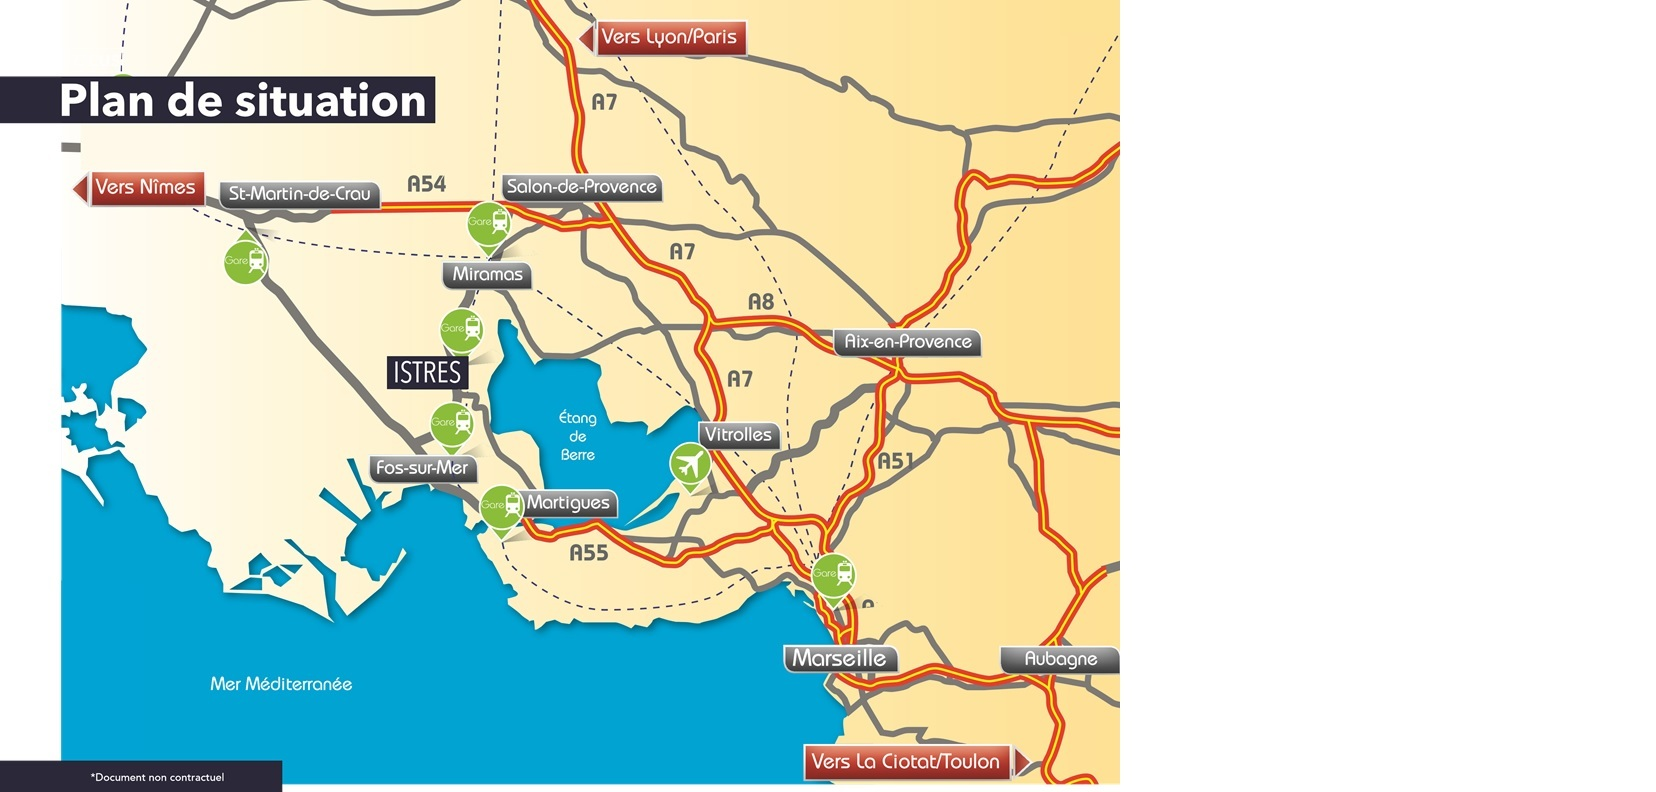 Prochainement à Istres, une nouvelle résidence.<BR><BR>Aux portes de la Méditerranée et en bordure d'étangs, la ville d'Istres jouit d'un cadre de vie exceptionnel, entre Terre et Mer. <BR>Dotée d'un riche patrimoine culturel, avec un coeur de ville chargé d'histoire,<BR>Istres s'intègre parfaitement au dynamisme économique du pourtour de l'étang de Berre.<BR>Avec une position stratégique, en plein centre-ville, la résidence Istres Village vous offre un lieu de vie idéal.<BR> Toutes les commodités sont accessibles à pieds depuis la résidence (commerces, écoles, centre historique, loisirs).<BR>L'étang de l'Olivier, tout proche, offre aussi un espace propice à la promenade et<BR>à la détente.<BR>Grâce à son architecture contemporaine et harmonieuse, Istres Village est une résidence raffinée. <BR>Ses appartements du studio au 4 pièces, aux prestations soignées, ont été conçus pour votre bien-être. <BR>Ils bénéficient tous d'une terrasse confortable pour profiter de la douceur de vie provençale.<BR>Eligibilité : Prêt à Taux 0% - Loi Pinel. <BR>Contacter directement Laurie Mazet 06 27 32 89 14 / 04 42 40 40 45